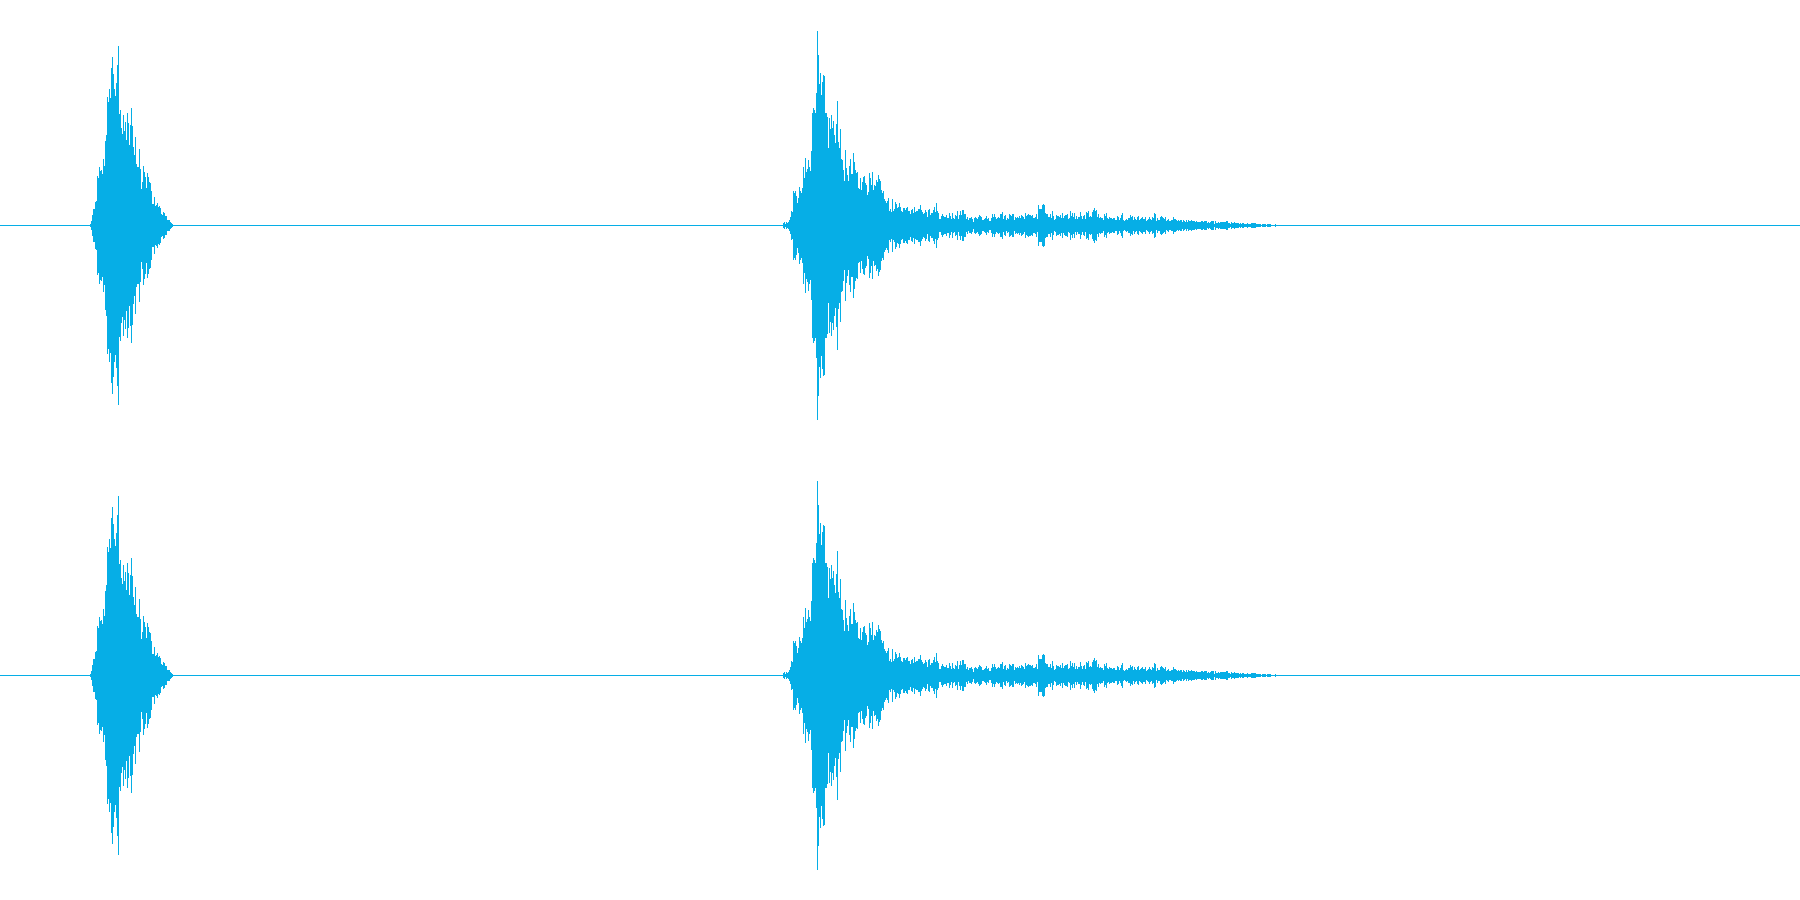 リップ2の再生済みの波形